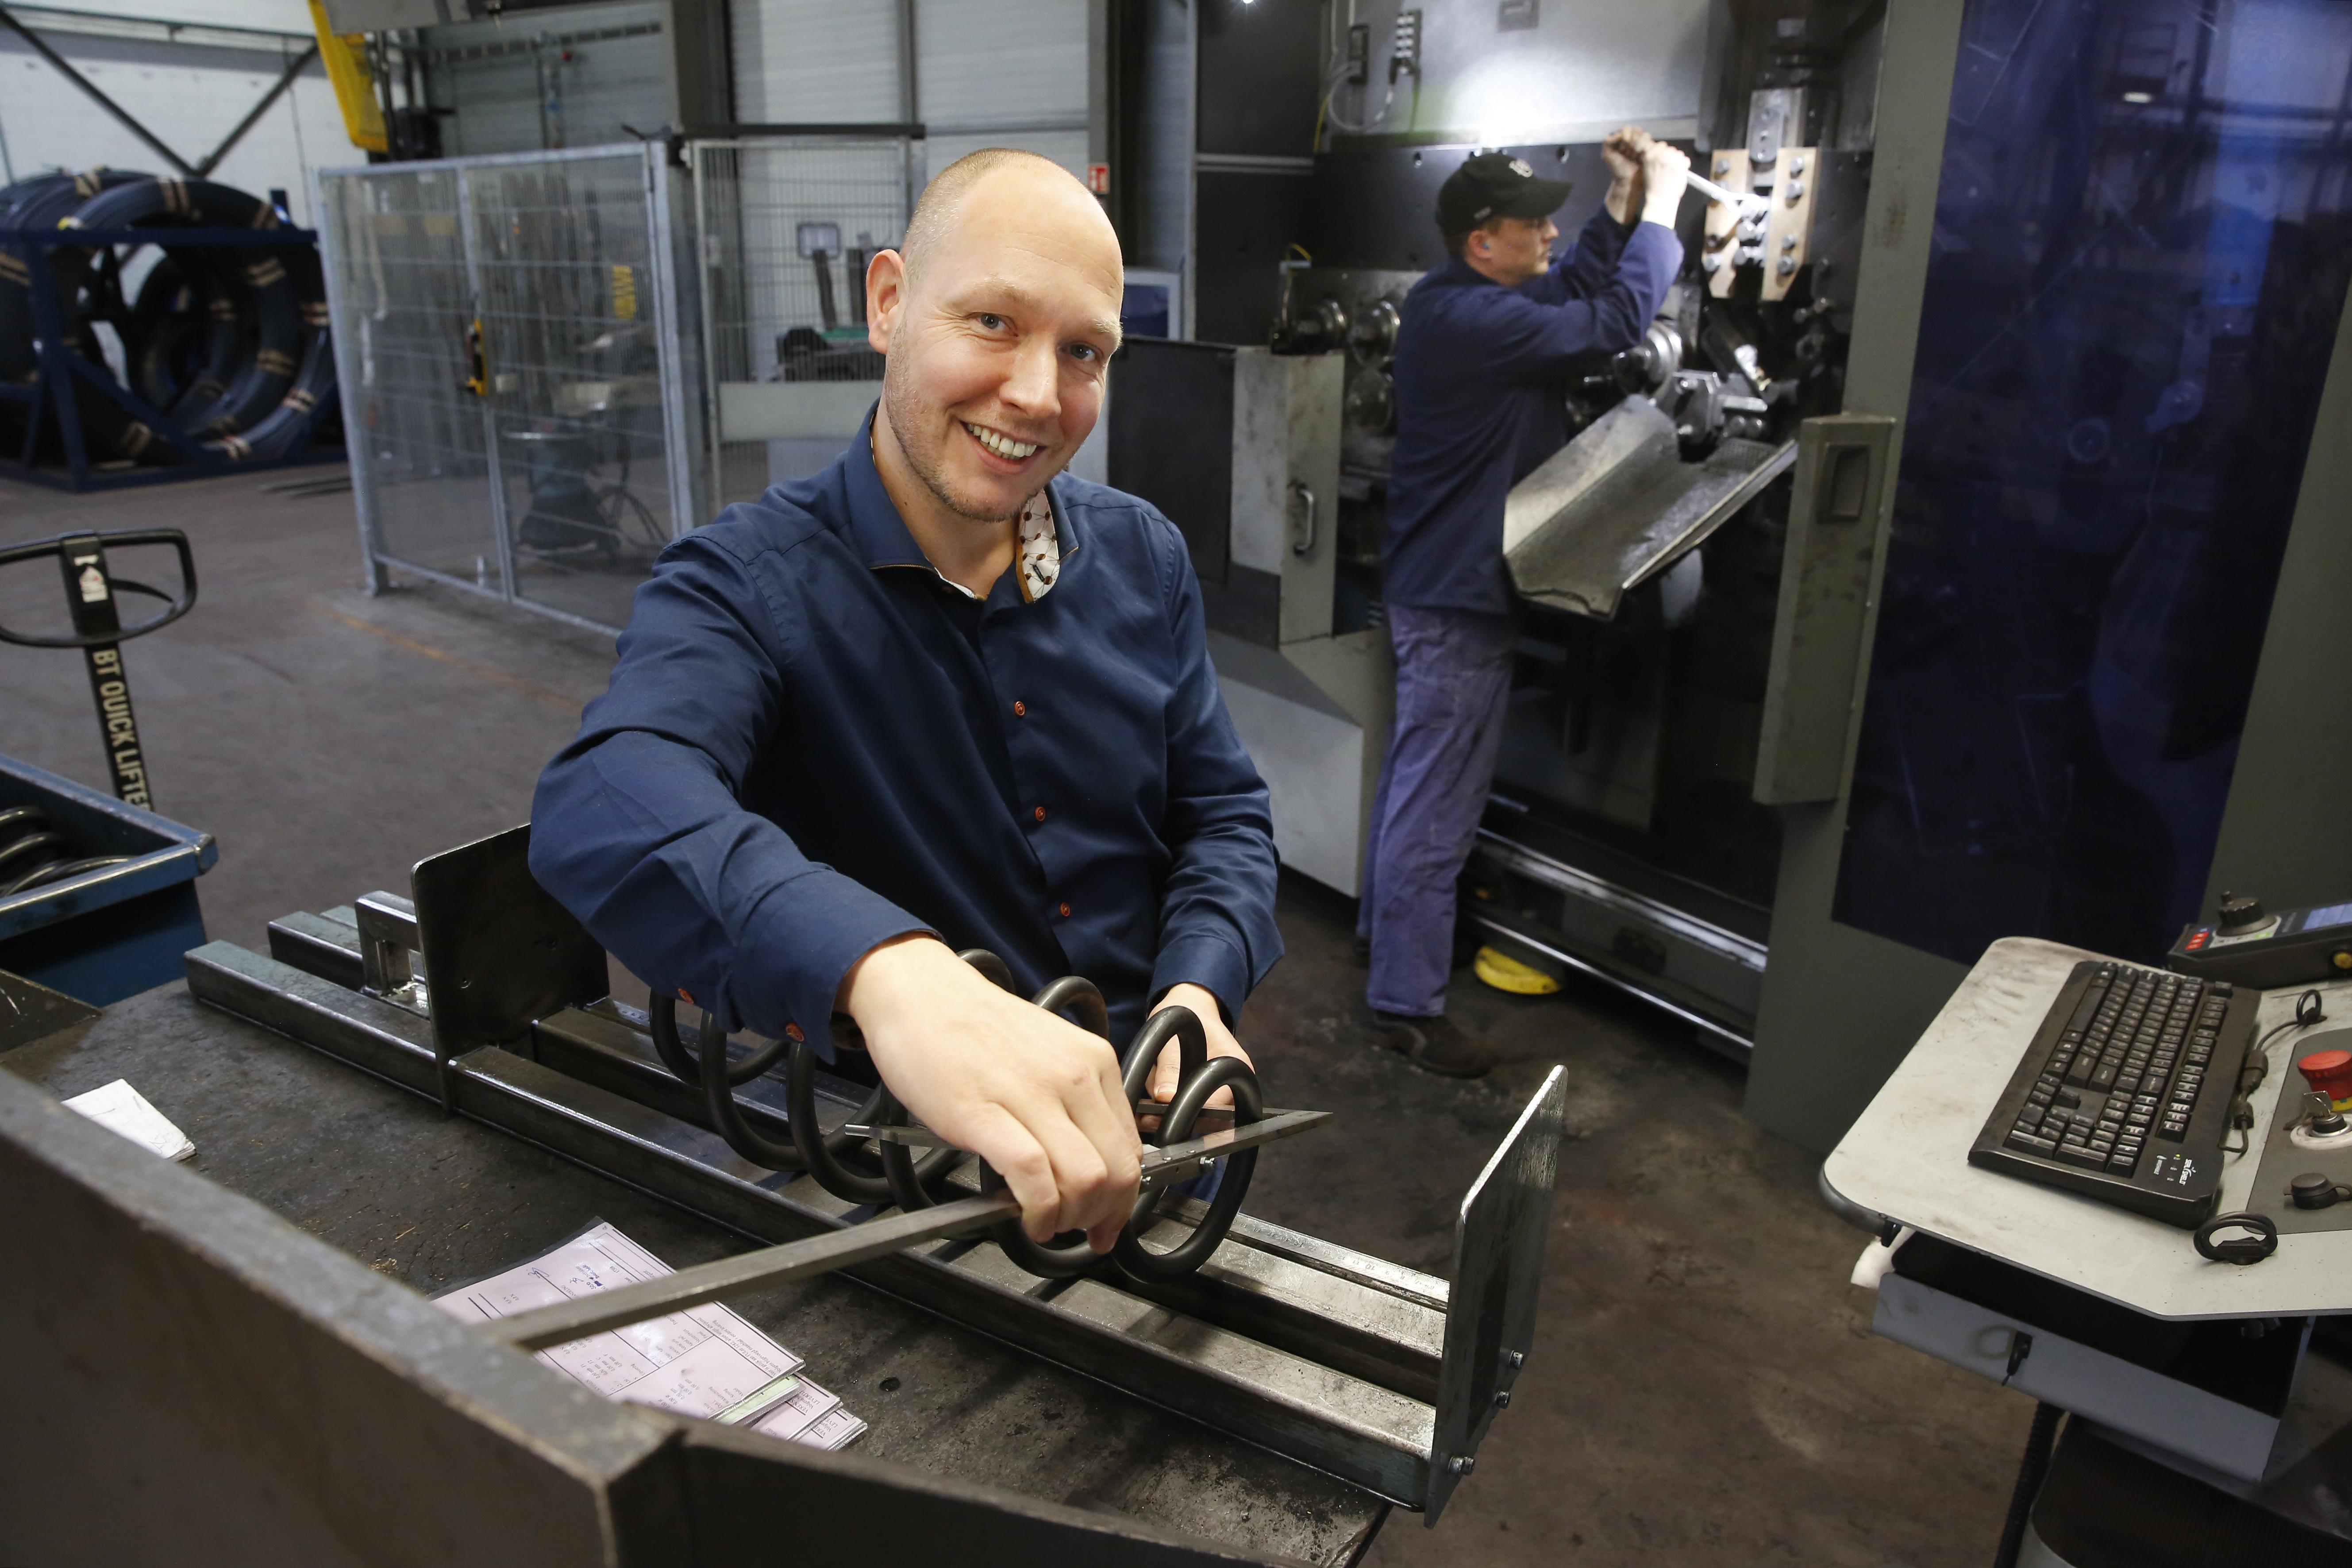 Verenfabriek VIOD maakt 7000 verschillende veren voor auto's, crossmotoren, landbouwmachines en nog veel meer. Een verhaal dat 70 jaar geleden begon met opa Dhondt die kolen 'ruilde' voor een wikkelmachine